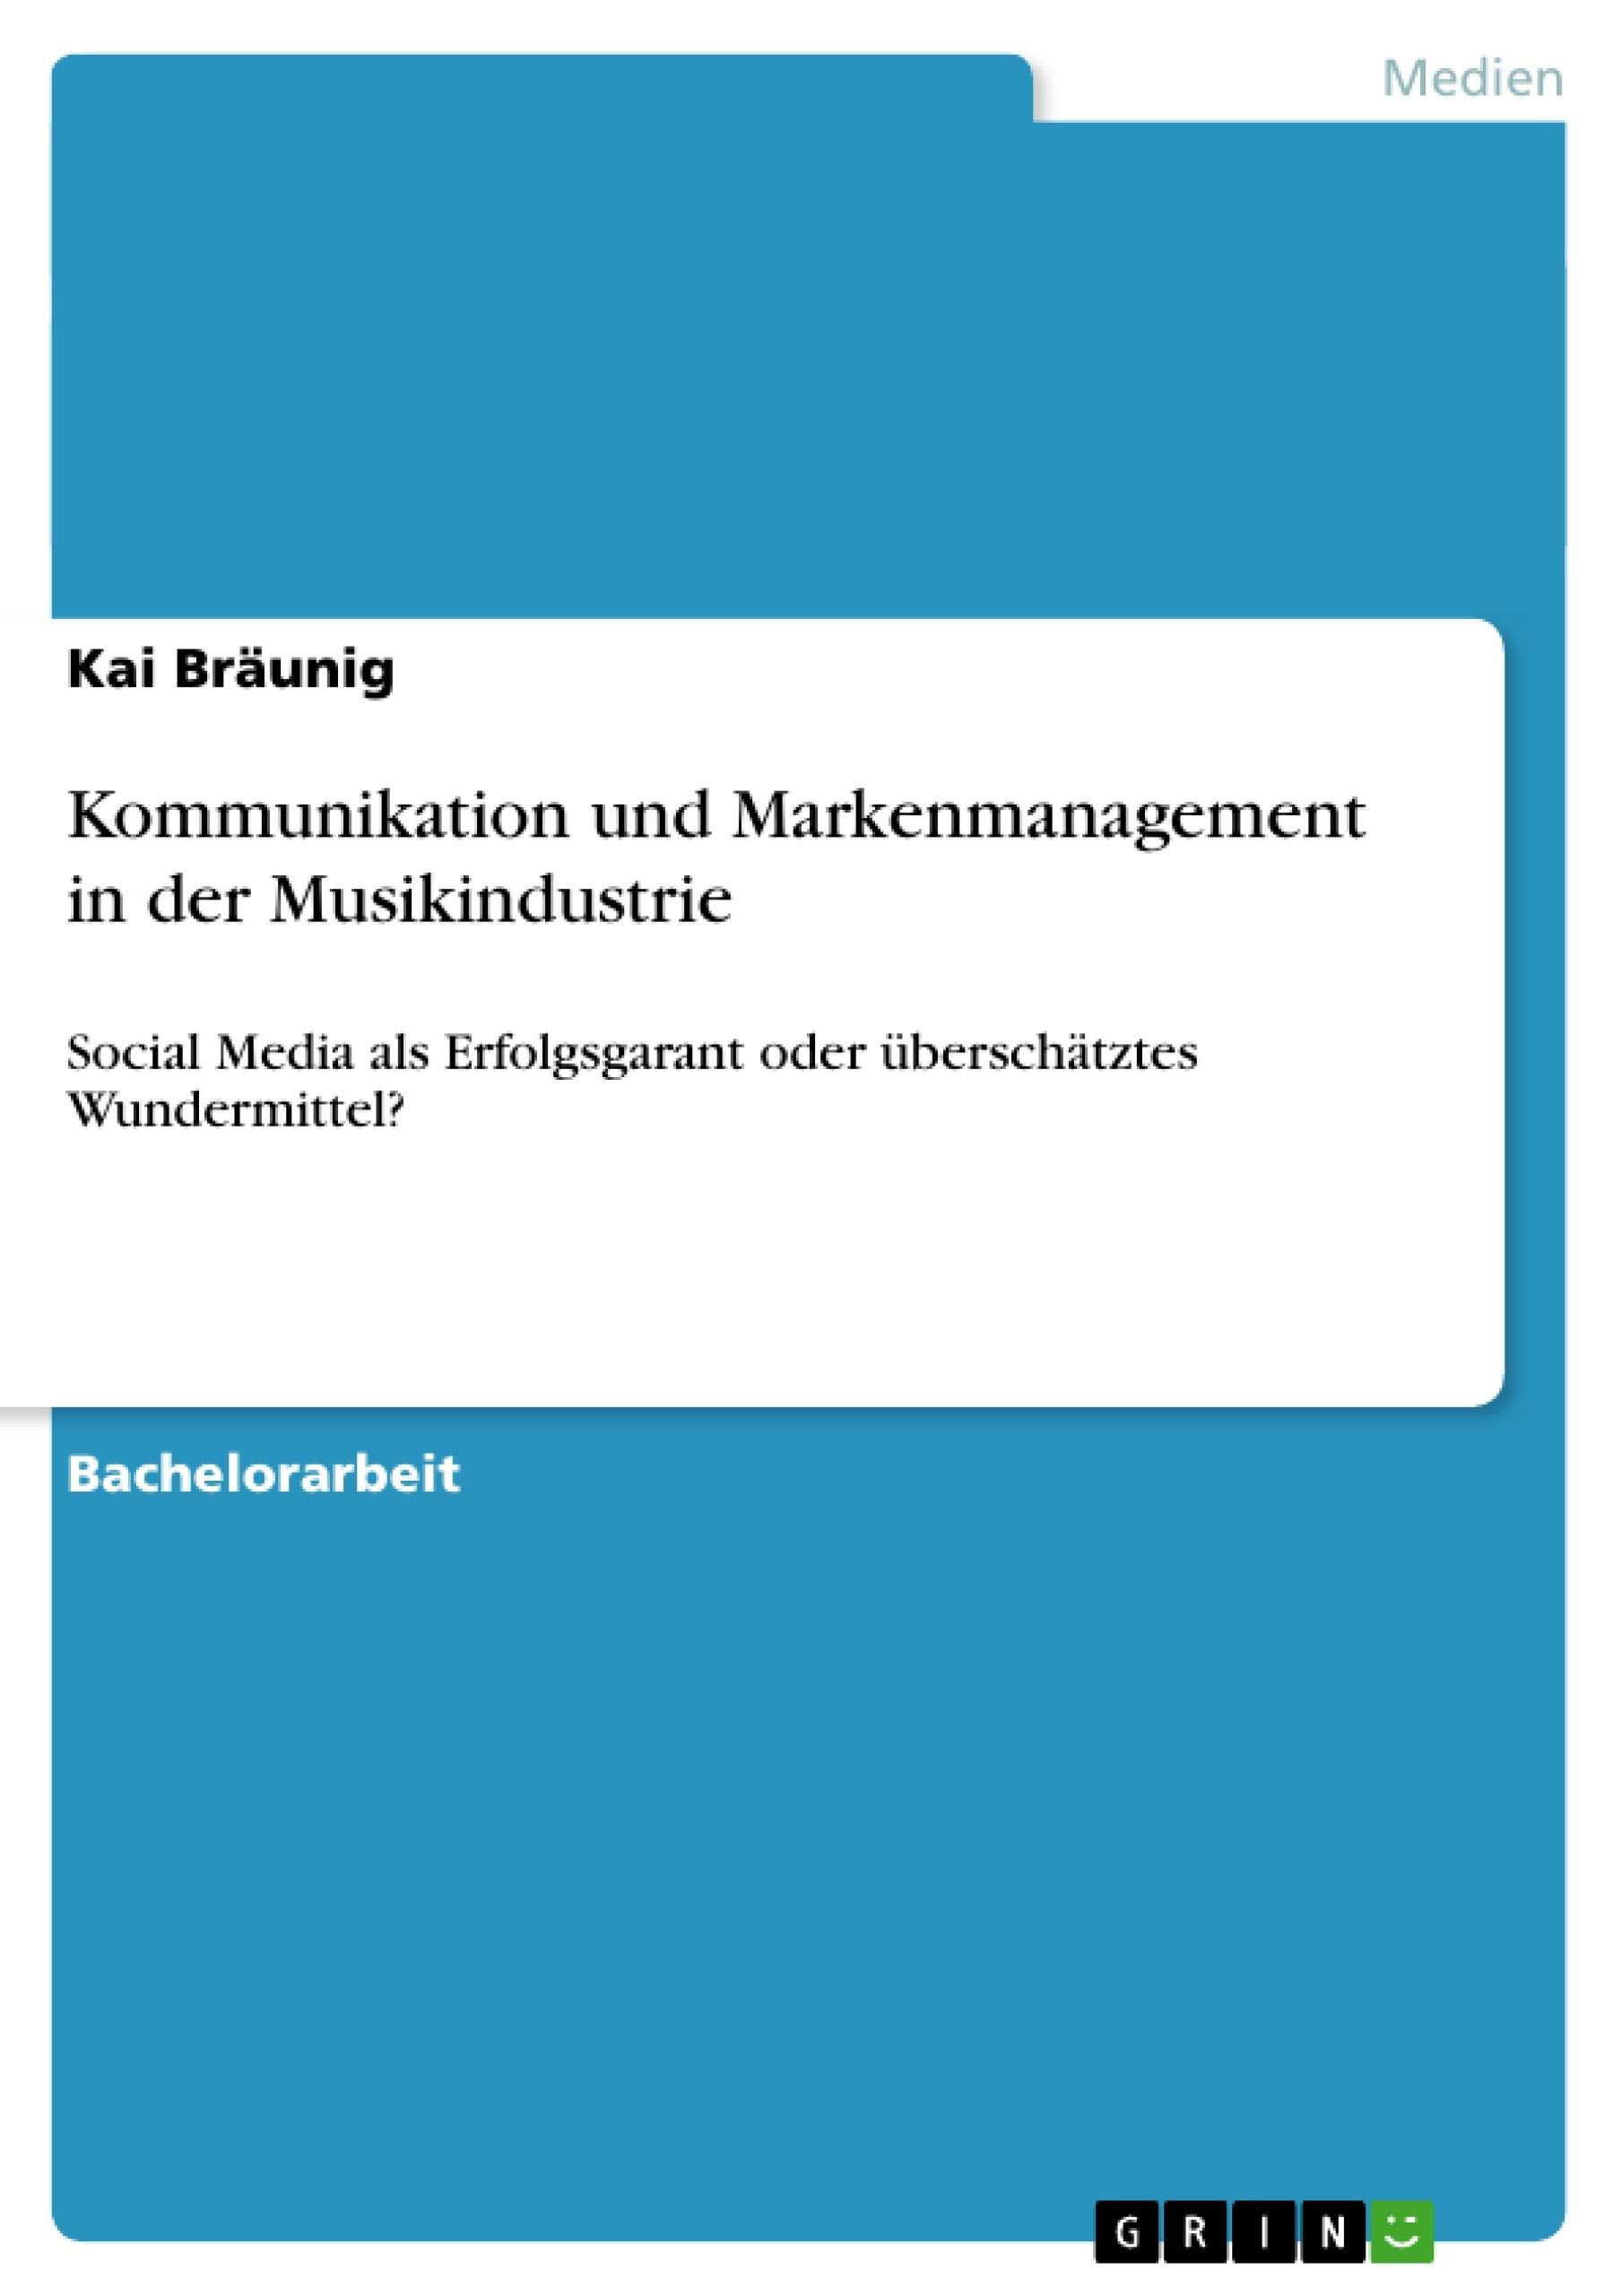 Titel: Kommunikation und Markenmanagement in der Musikindustrie